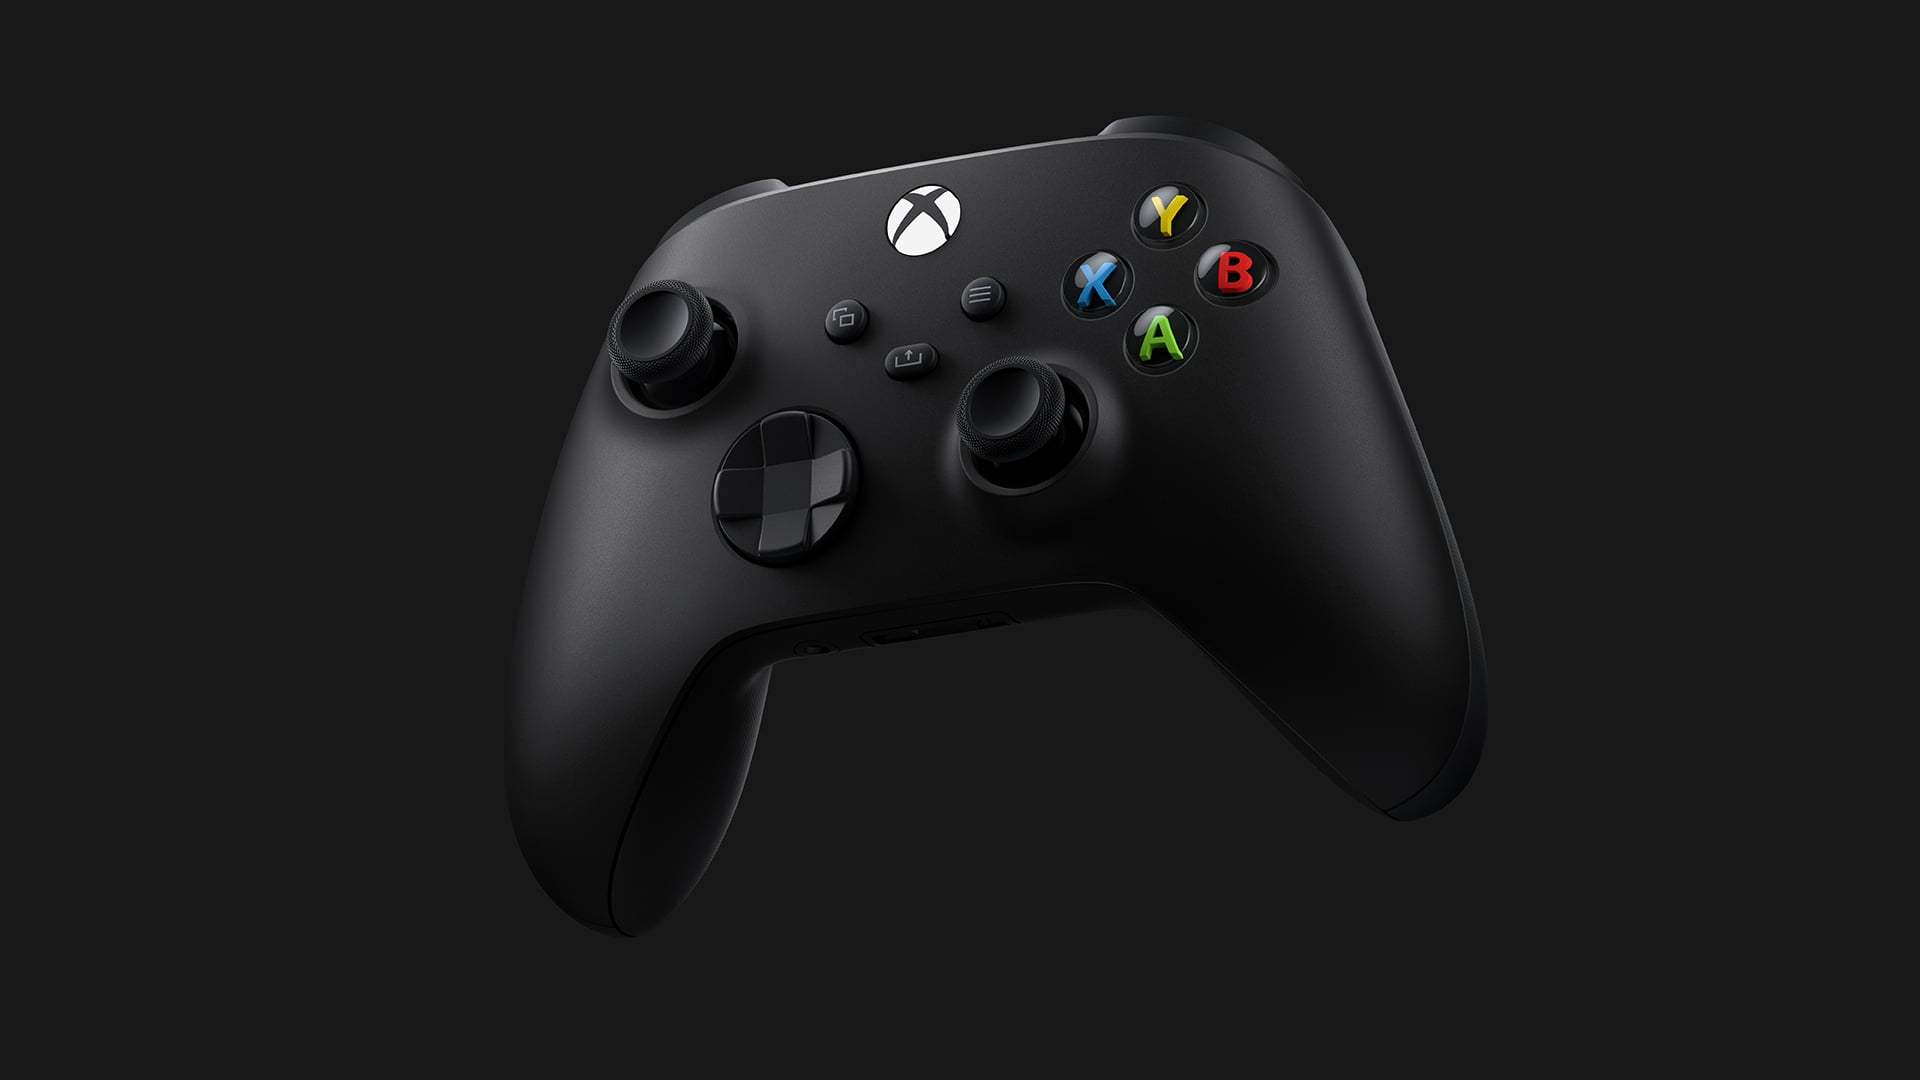 Xbox oyun kolunu Windows 10 PC'ye bağlama [Nasıl Yapılır]